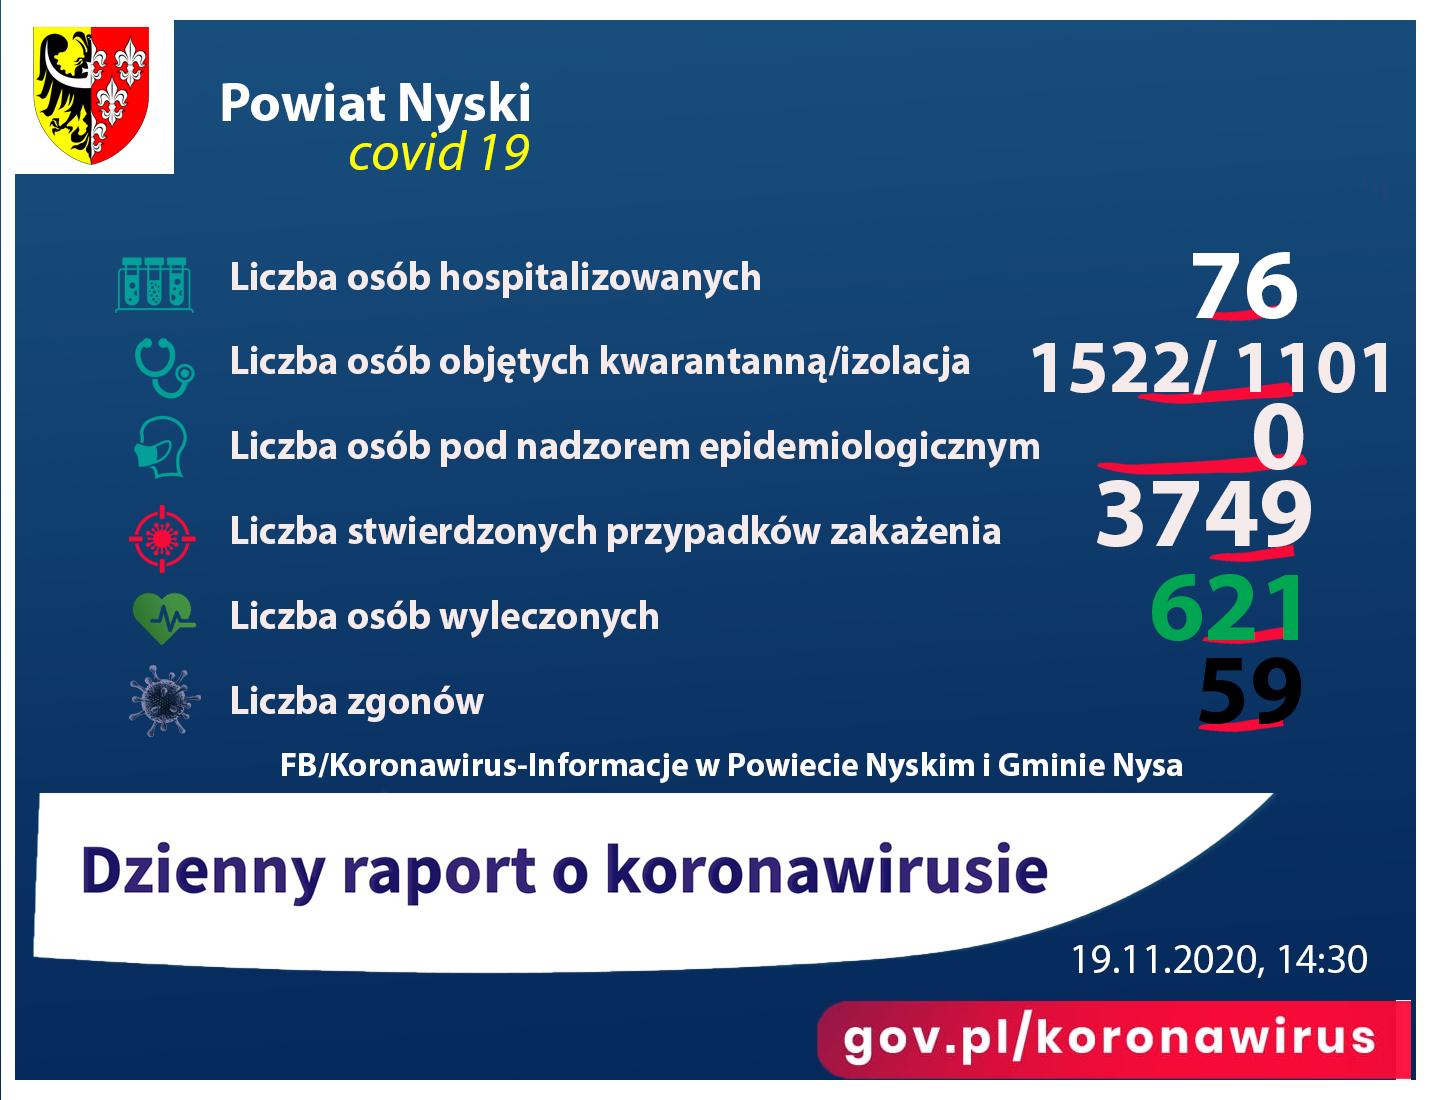 Liczba osób zakażonych 3749, hospitalizowanych - 76, ozdrowieńców - 621, zgonów 59